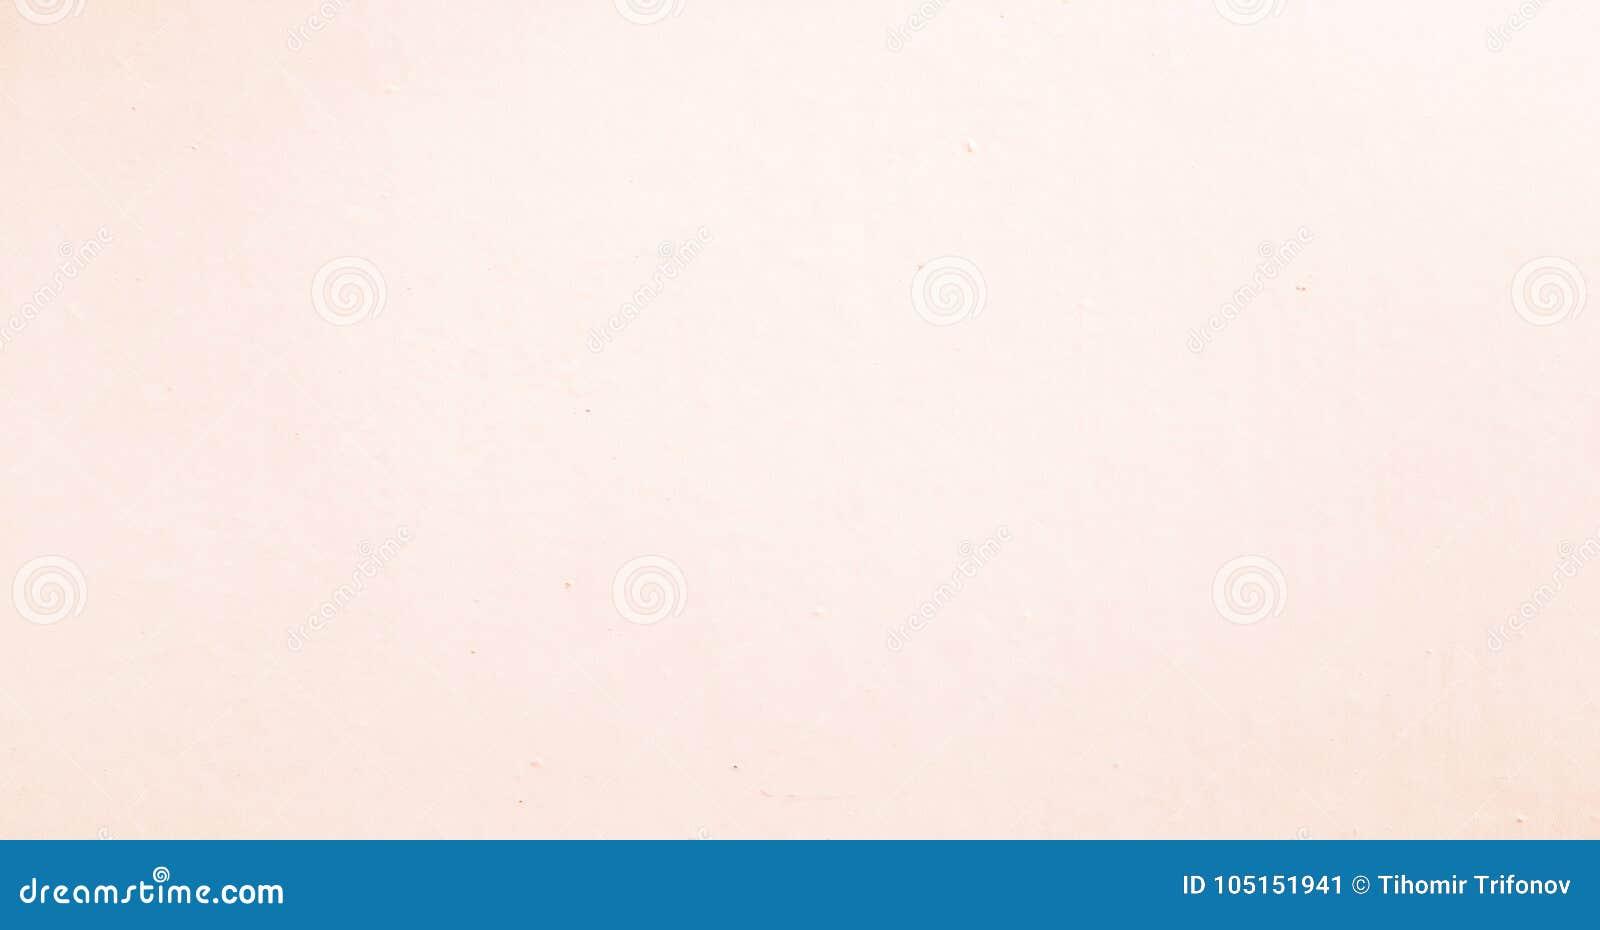 Βρώμικη χρωματισμένη σύσταση τοίχων ως υπόβαθρο Ραγισμένο συγκεκριμένο εκλεκτής ποιότητας υπόβαθρο τοίχων, παλαιός χρωματισμένος